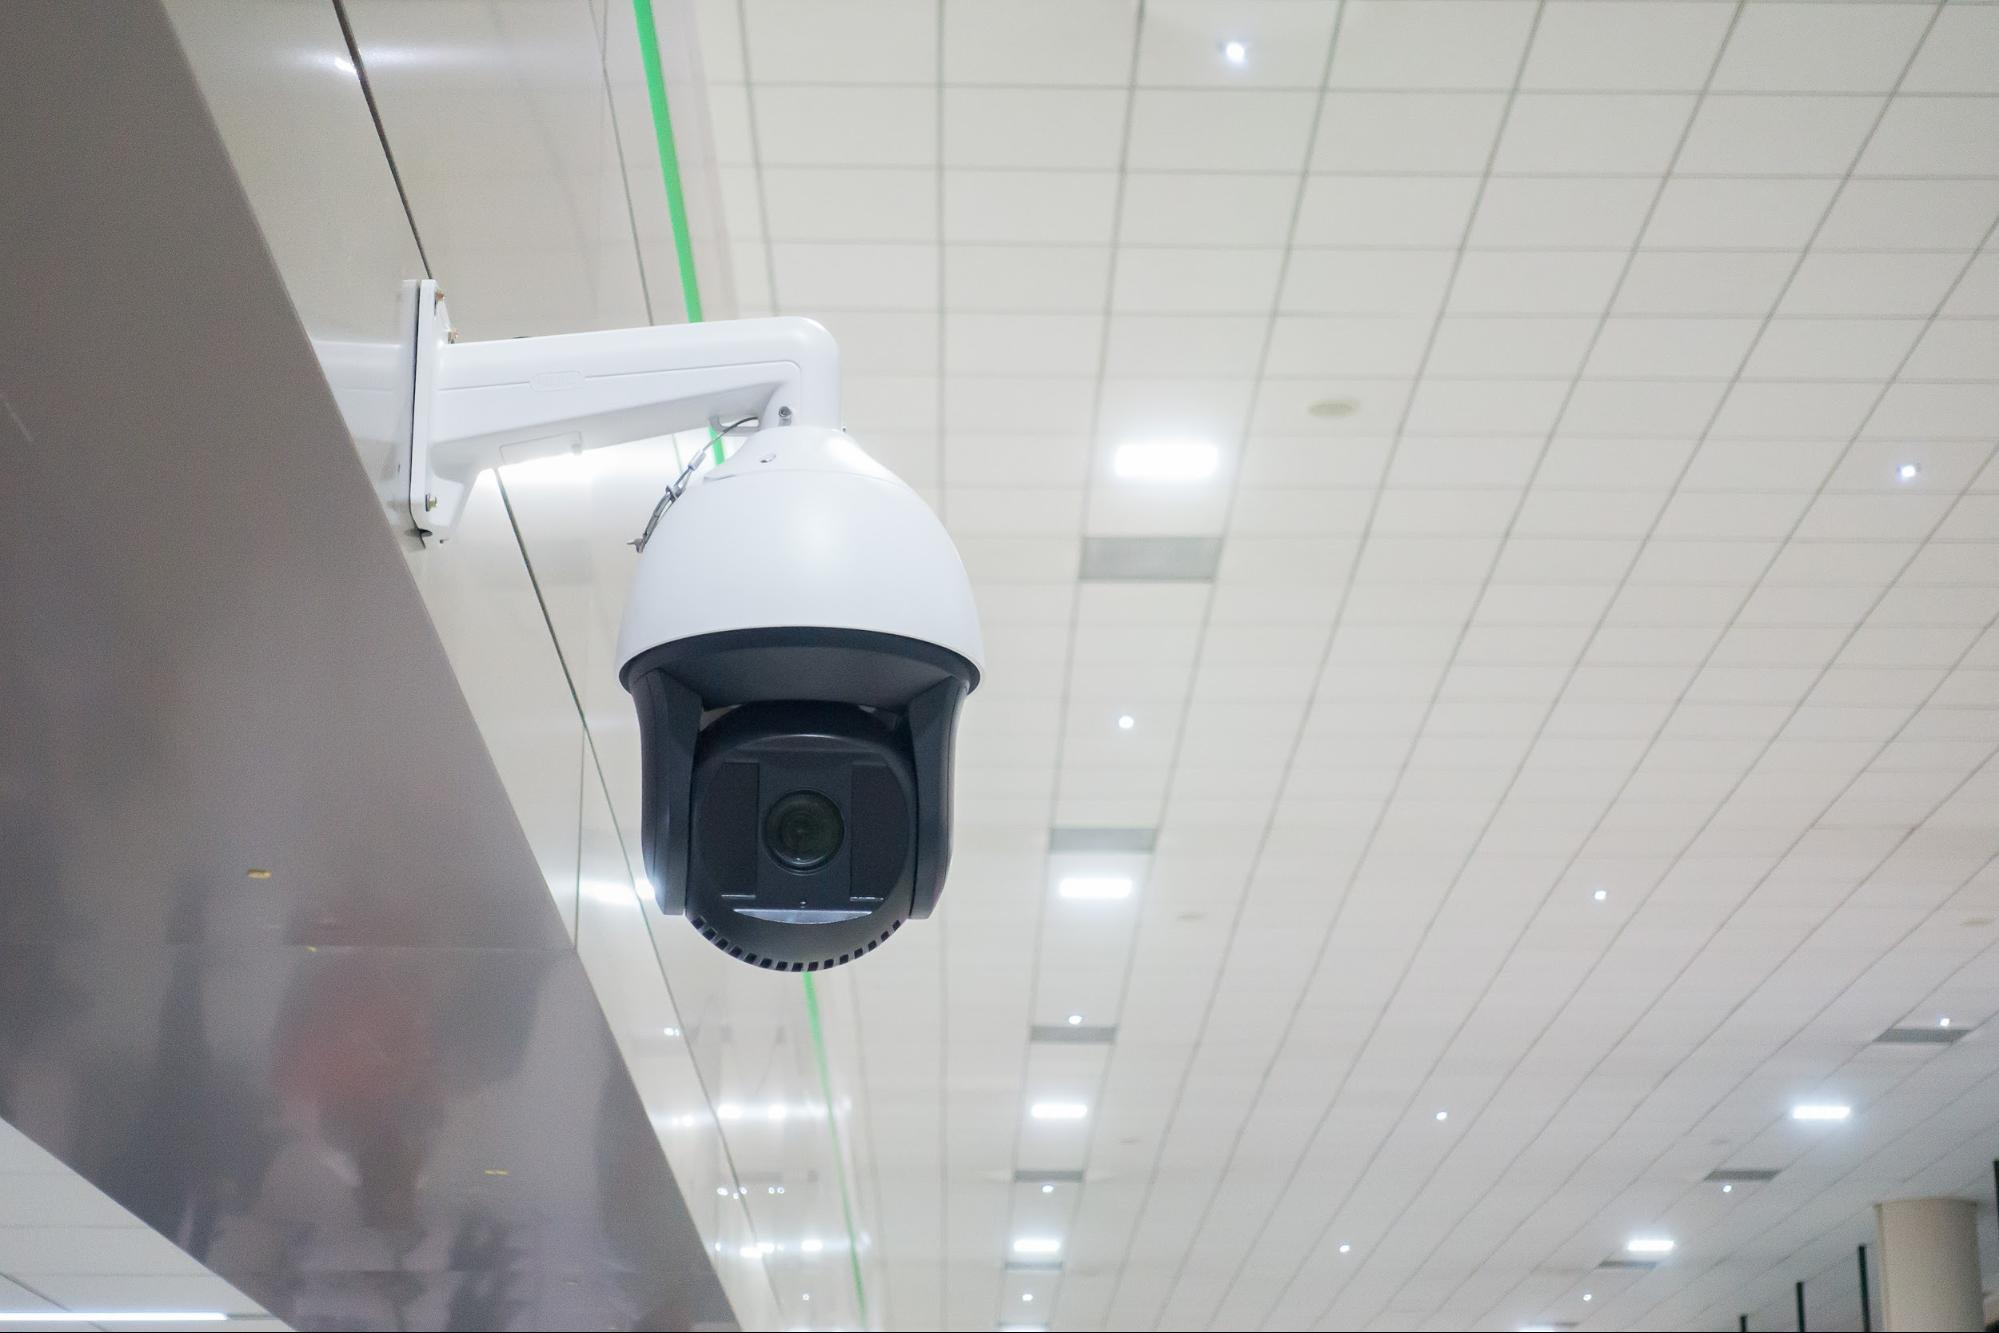 CCTV camera inside a building